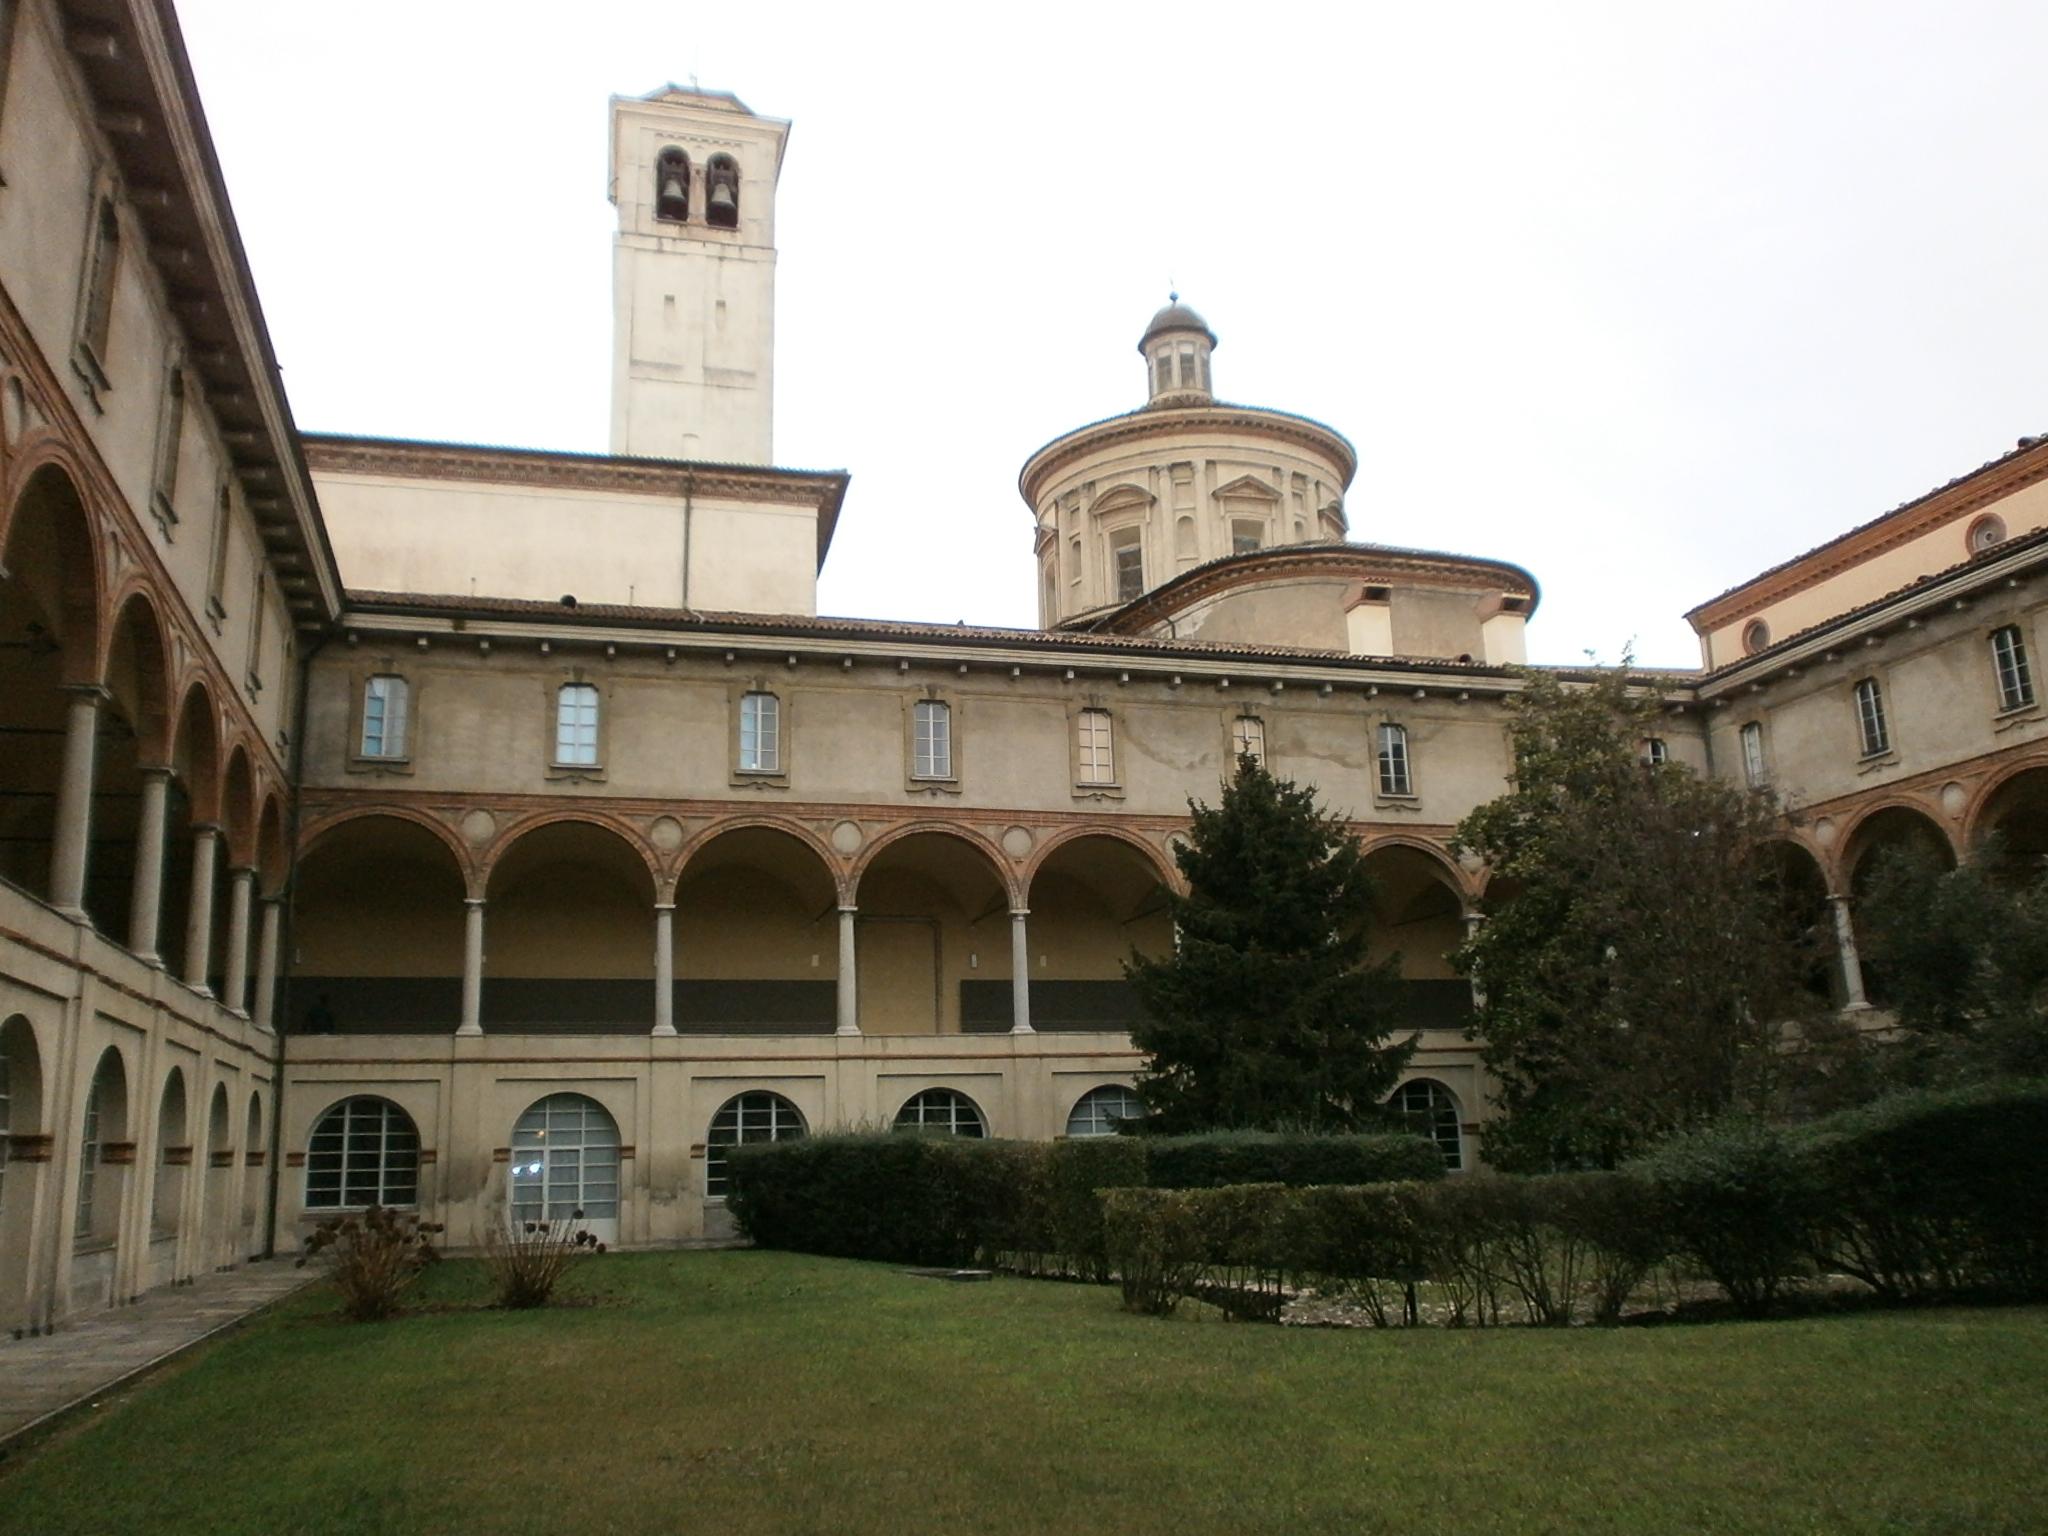 Museo Della Scienza E Della Tecnica.File Museo Della Scienza E Della Tecnica Milano Cortile Interno